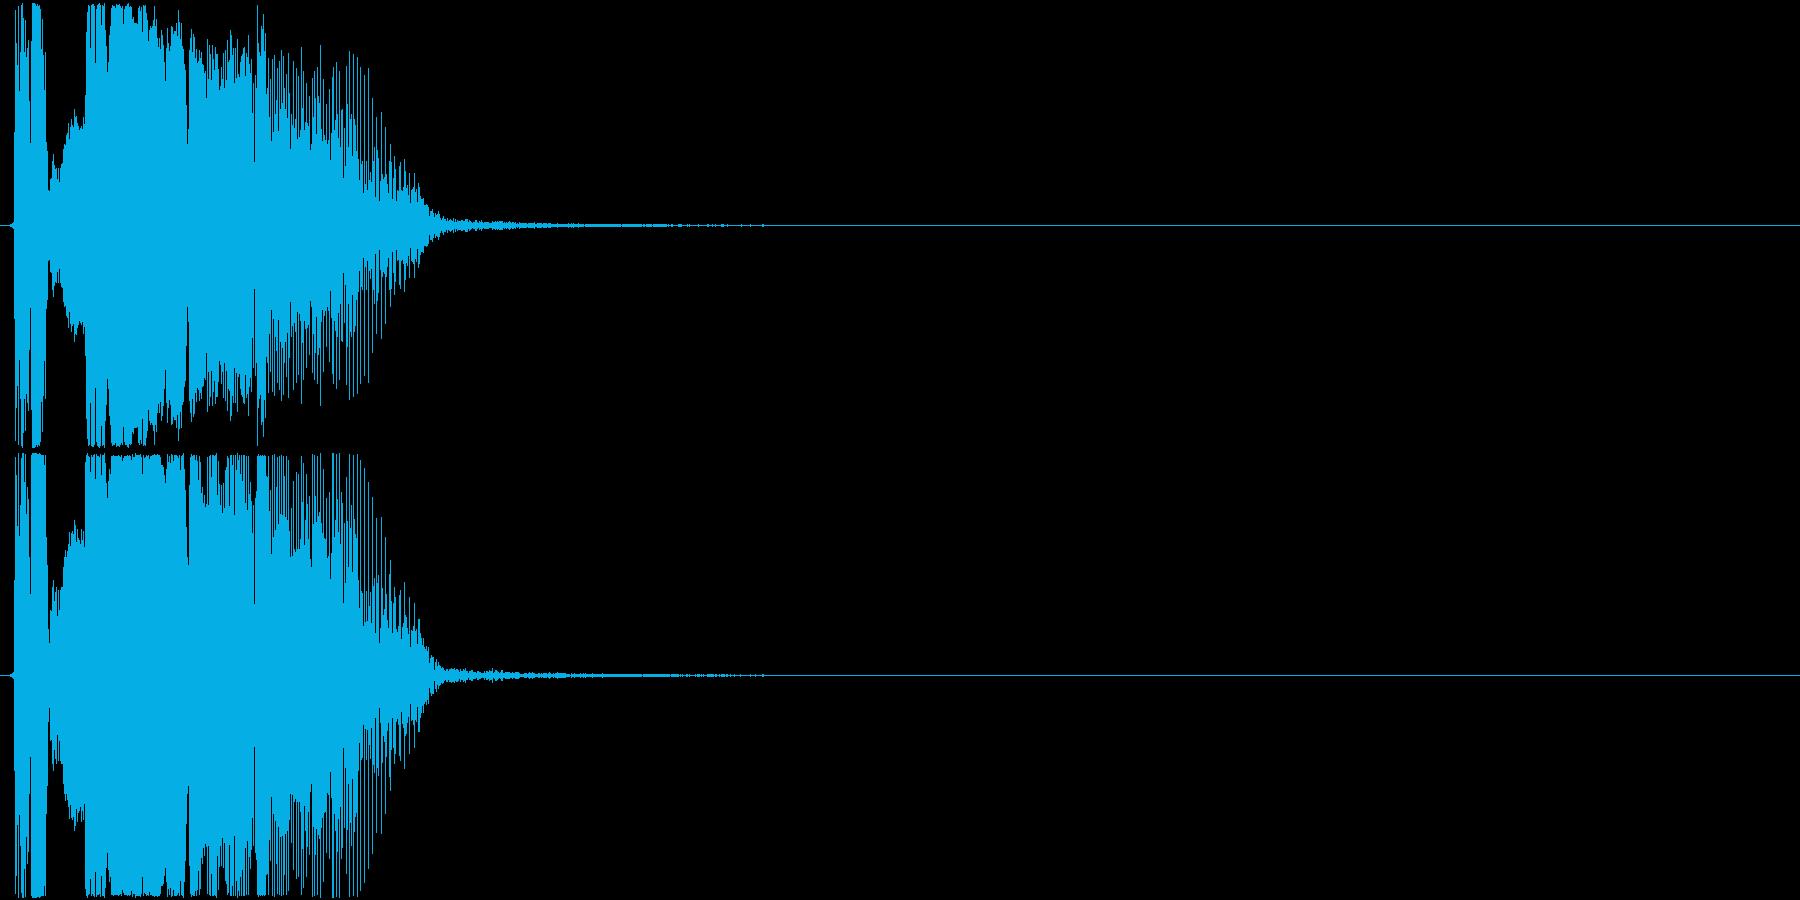 「カモン」アプリ・ゲーム用3の再生済みの波形